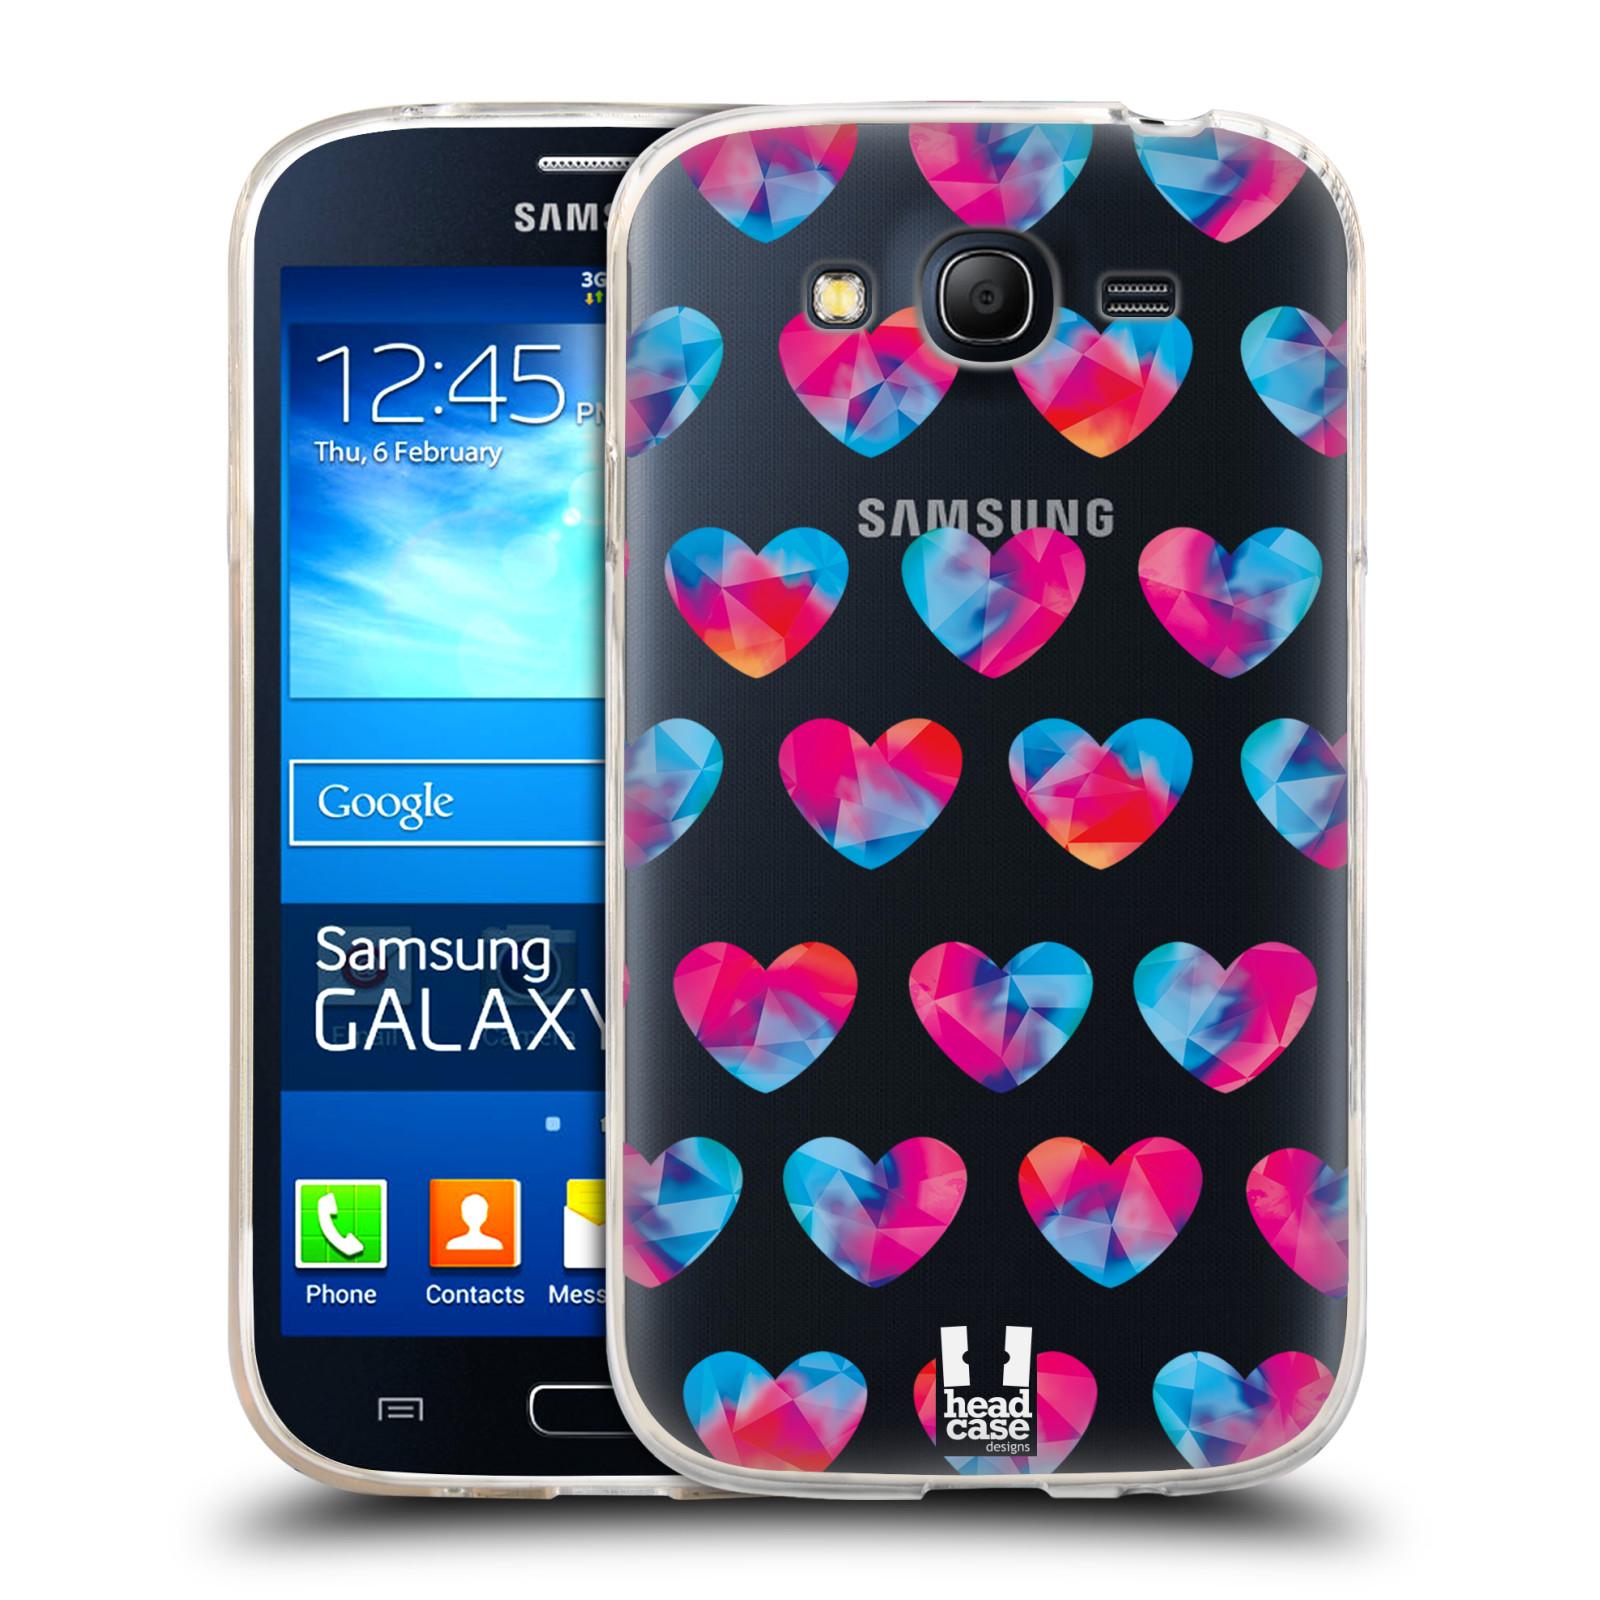 Silikonové pouzdro na mobil Samsung Galaxy Grand Neo - Head Case - Srdíčka hrající barvami